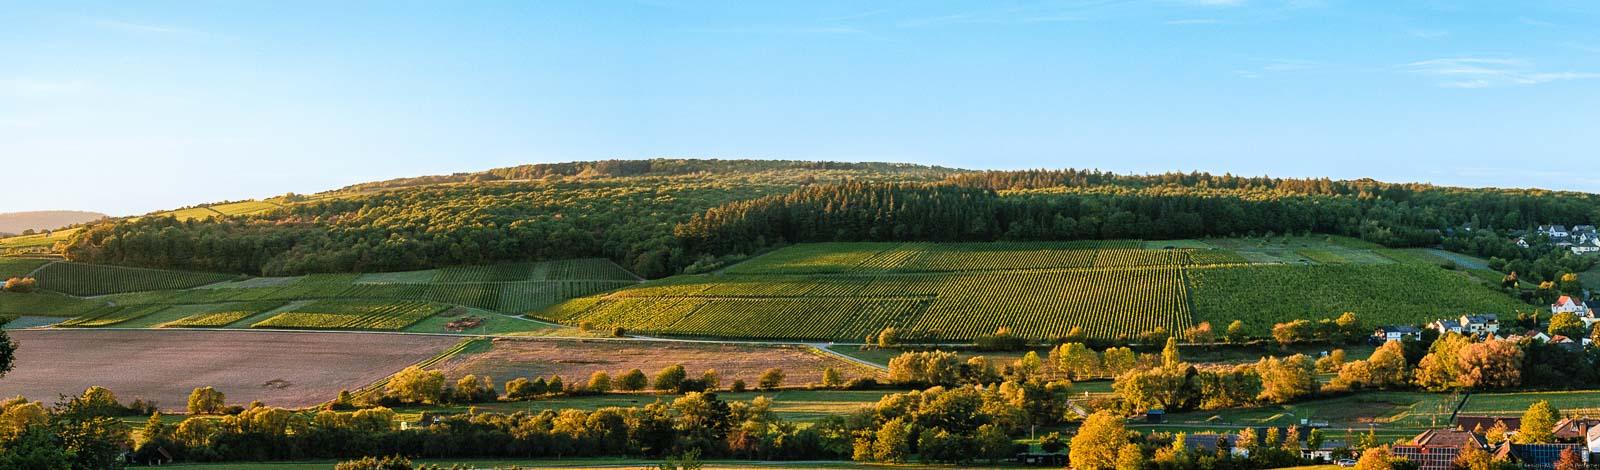 Vorne sind Wiesen und Bäume. Dahinter ist der Weinberg Oberemmeler Rosenberg und damit auch den Wiltinger Rosenberg. Oben sieht man den blauen Himmel.